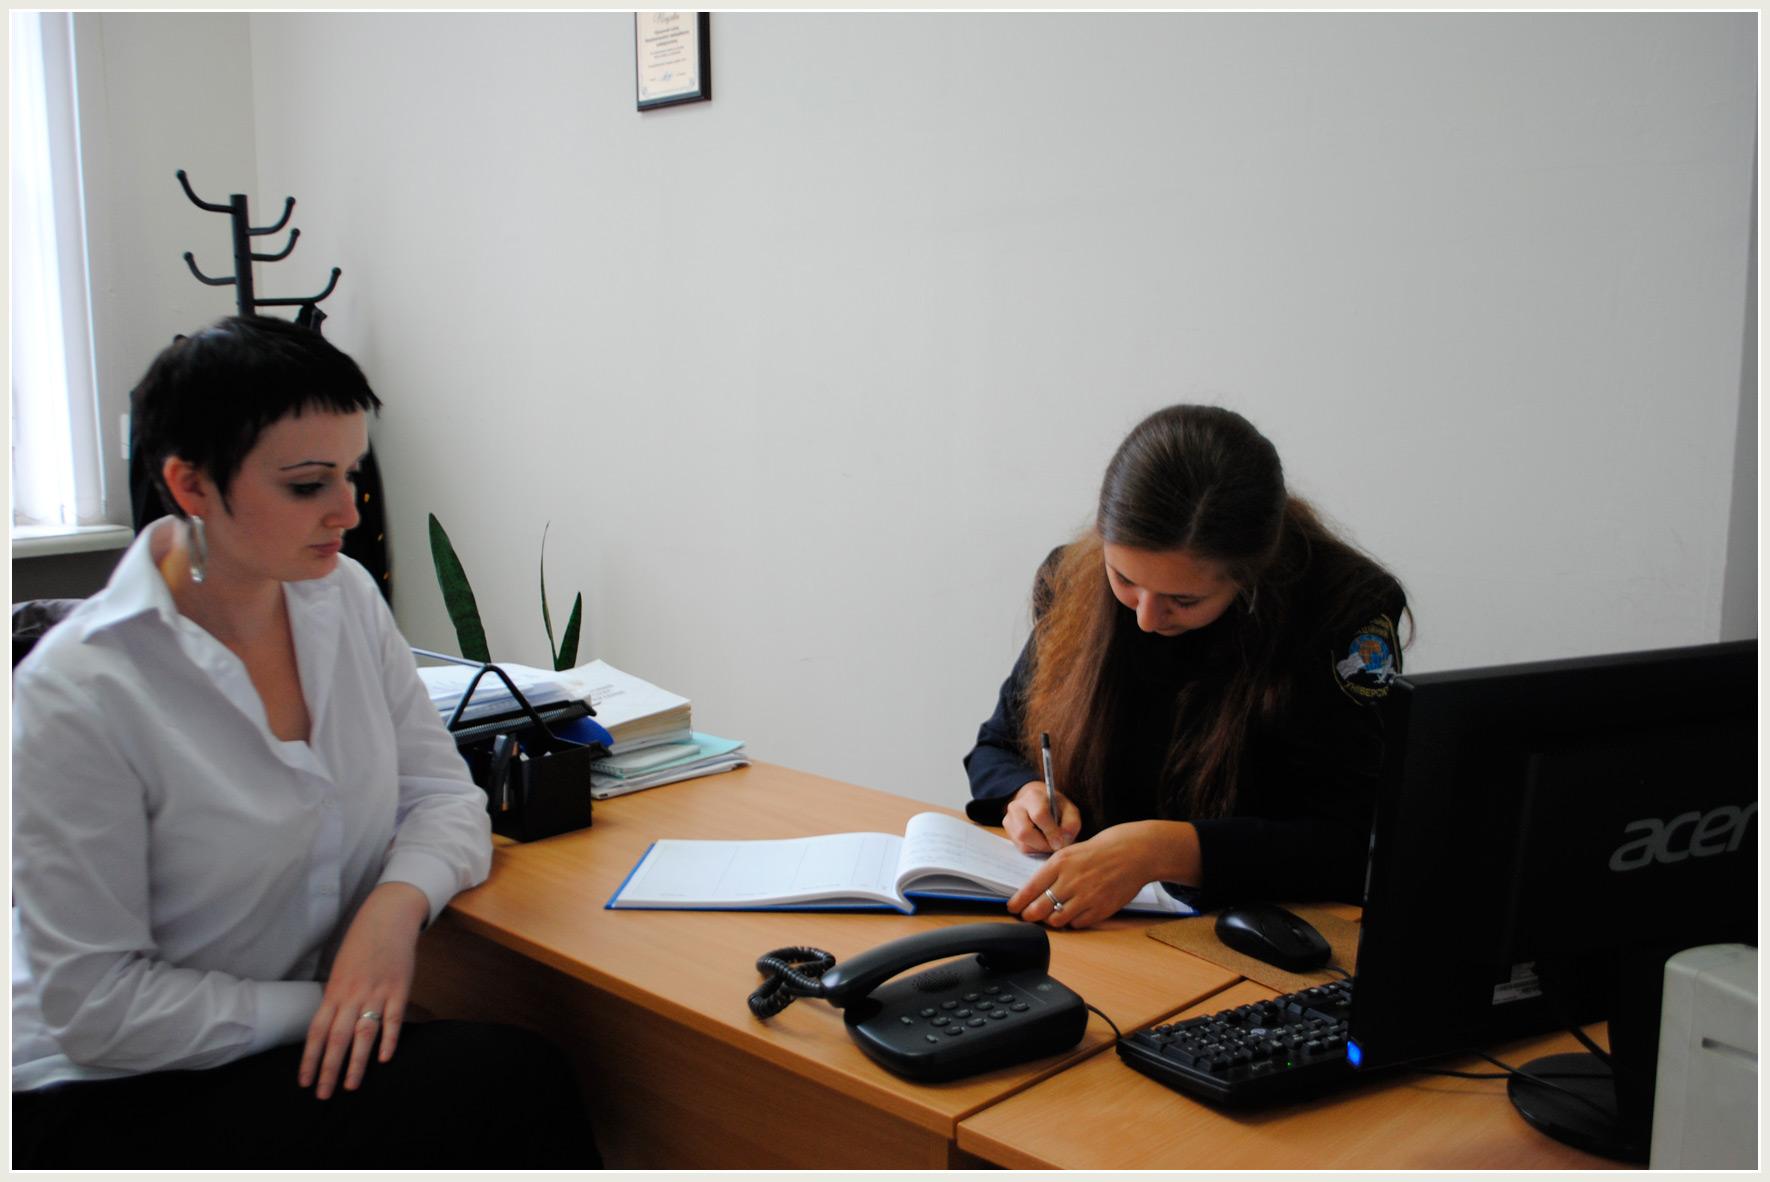 Юридическая консультация Юридическая клиника  yk1 Юридическая консультация Юридическая клиника